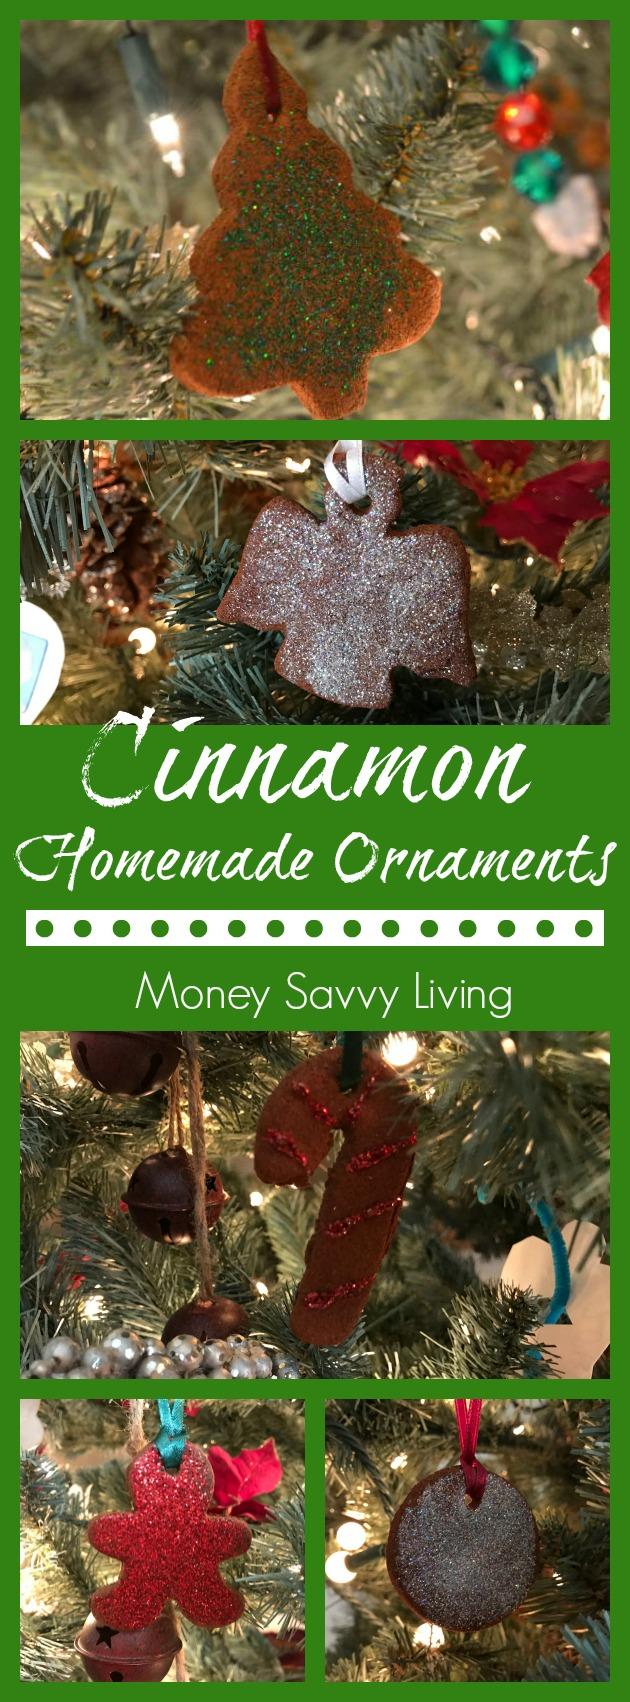 Homemade Cinnamon Christmas Ornaments #Christmas #christmasdecor #christmastree #christmascrafts #christmasdecorations #christmasdecordiy #christmasdecorationsdiy #christmasornaments #christmasornamentsdiy #cinnamon #applesauce #cinnamonornaments #ornaments #christmascraftsforkids